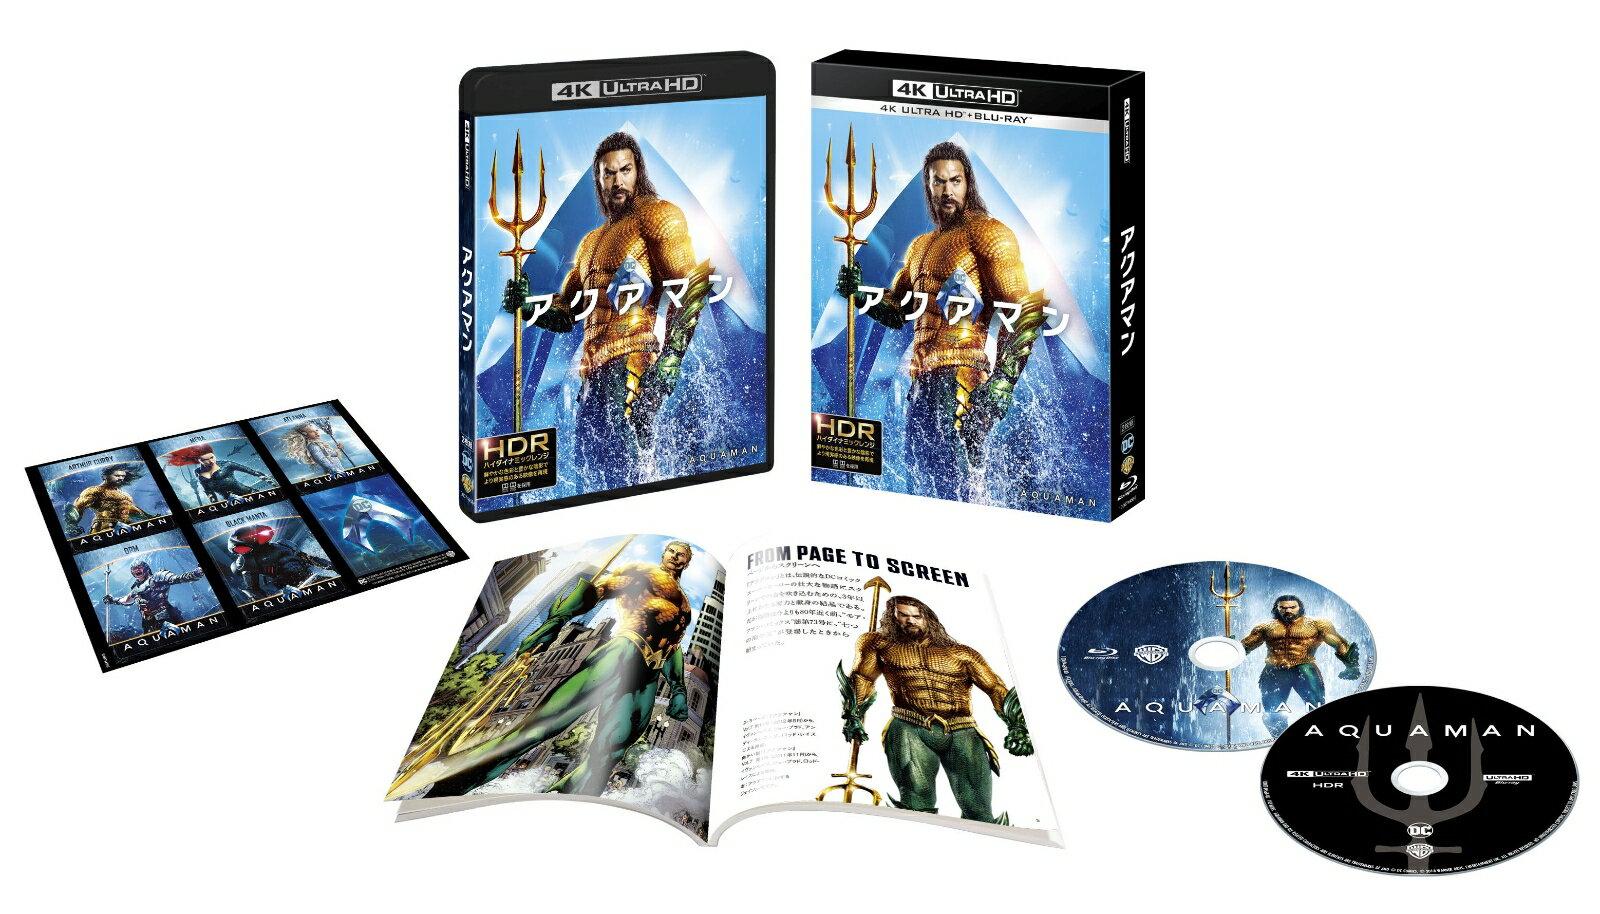 アクアマン <4K ULTRA HD&ブルーレイセット>(2枚組/ブックレット&キャラクターステッカー付)(初回仕様)【4K ULTRA HD】 [ ジェイソン・モモア ]